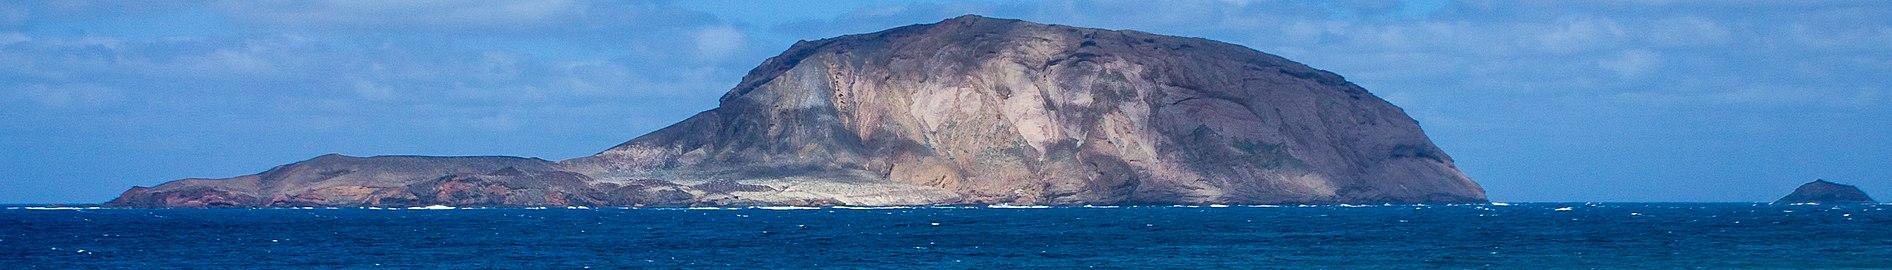 Montaña Clara y Roque del Oeste pagebanner.jpg